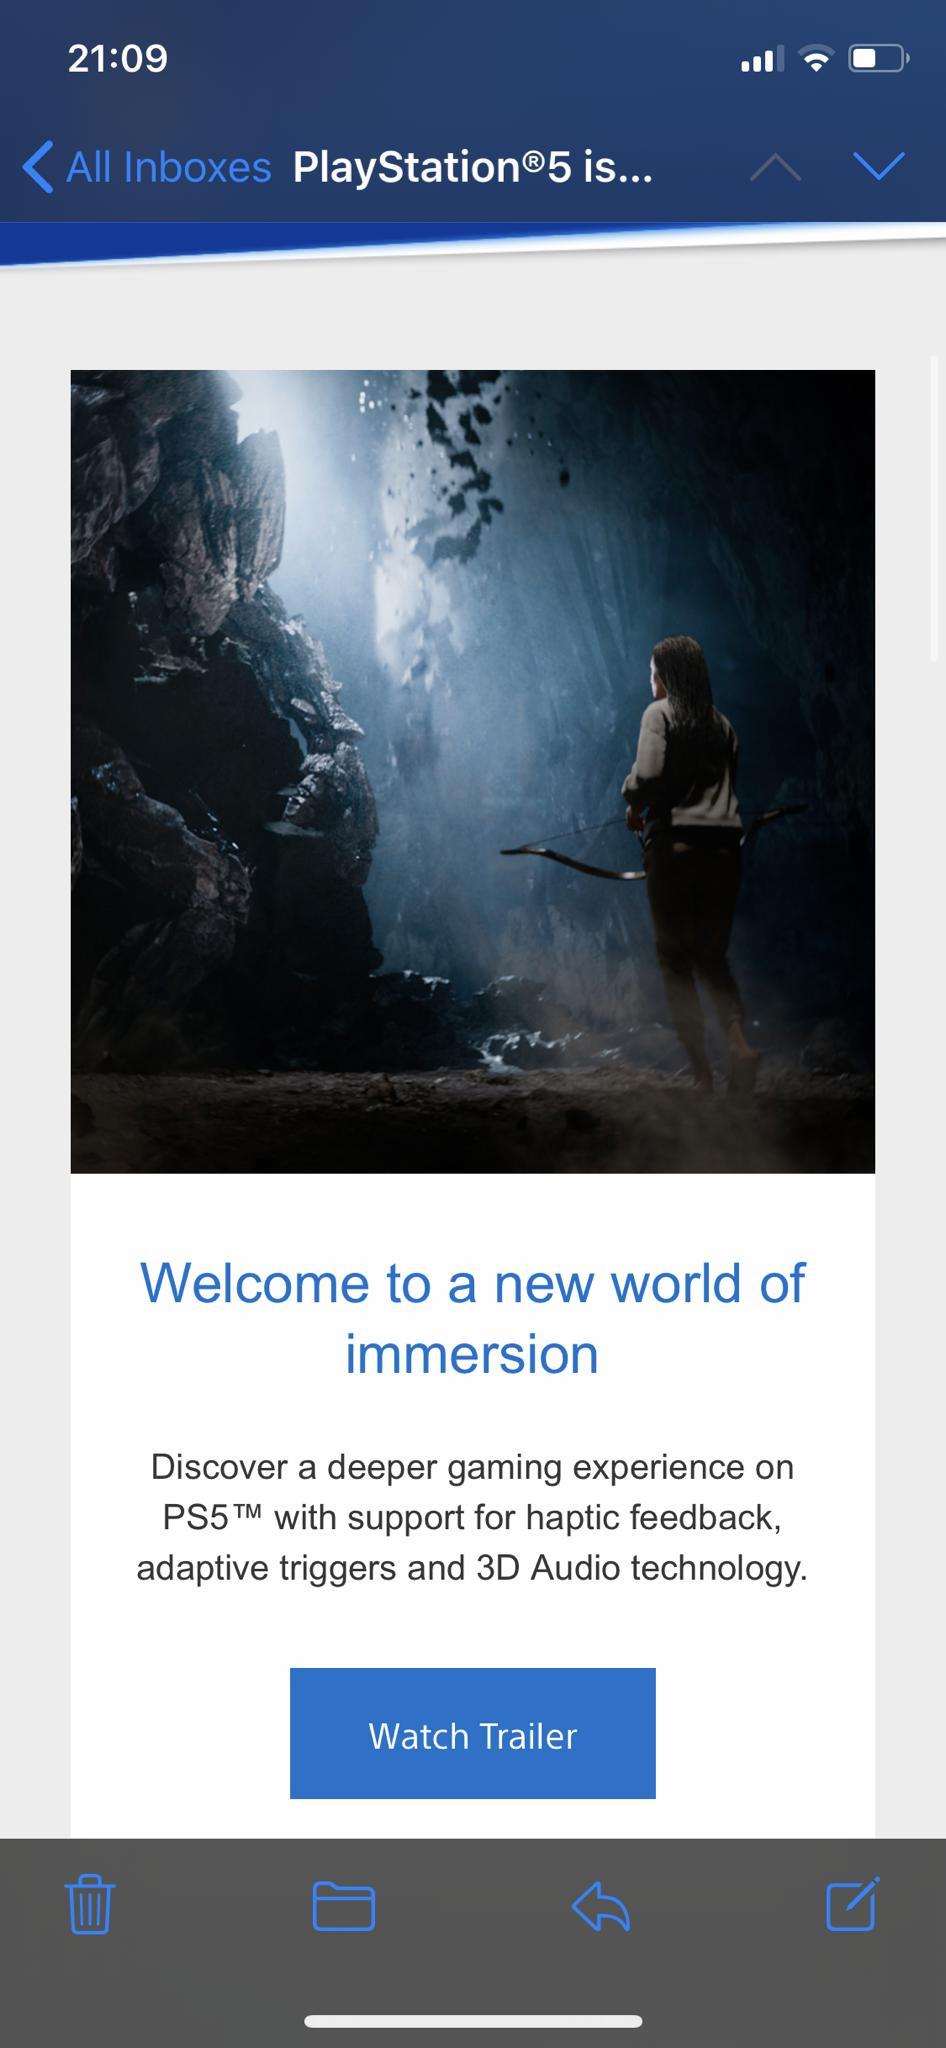 索尼发布PS5推广邮件 次世代主机大战悄然升级